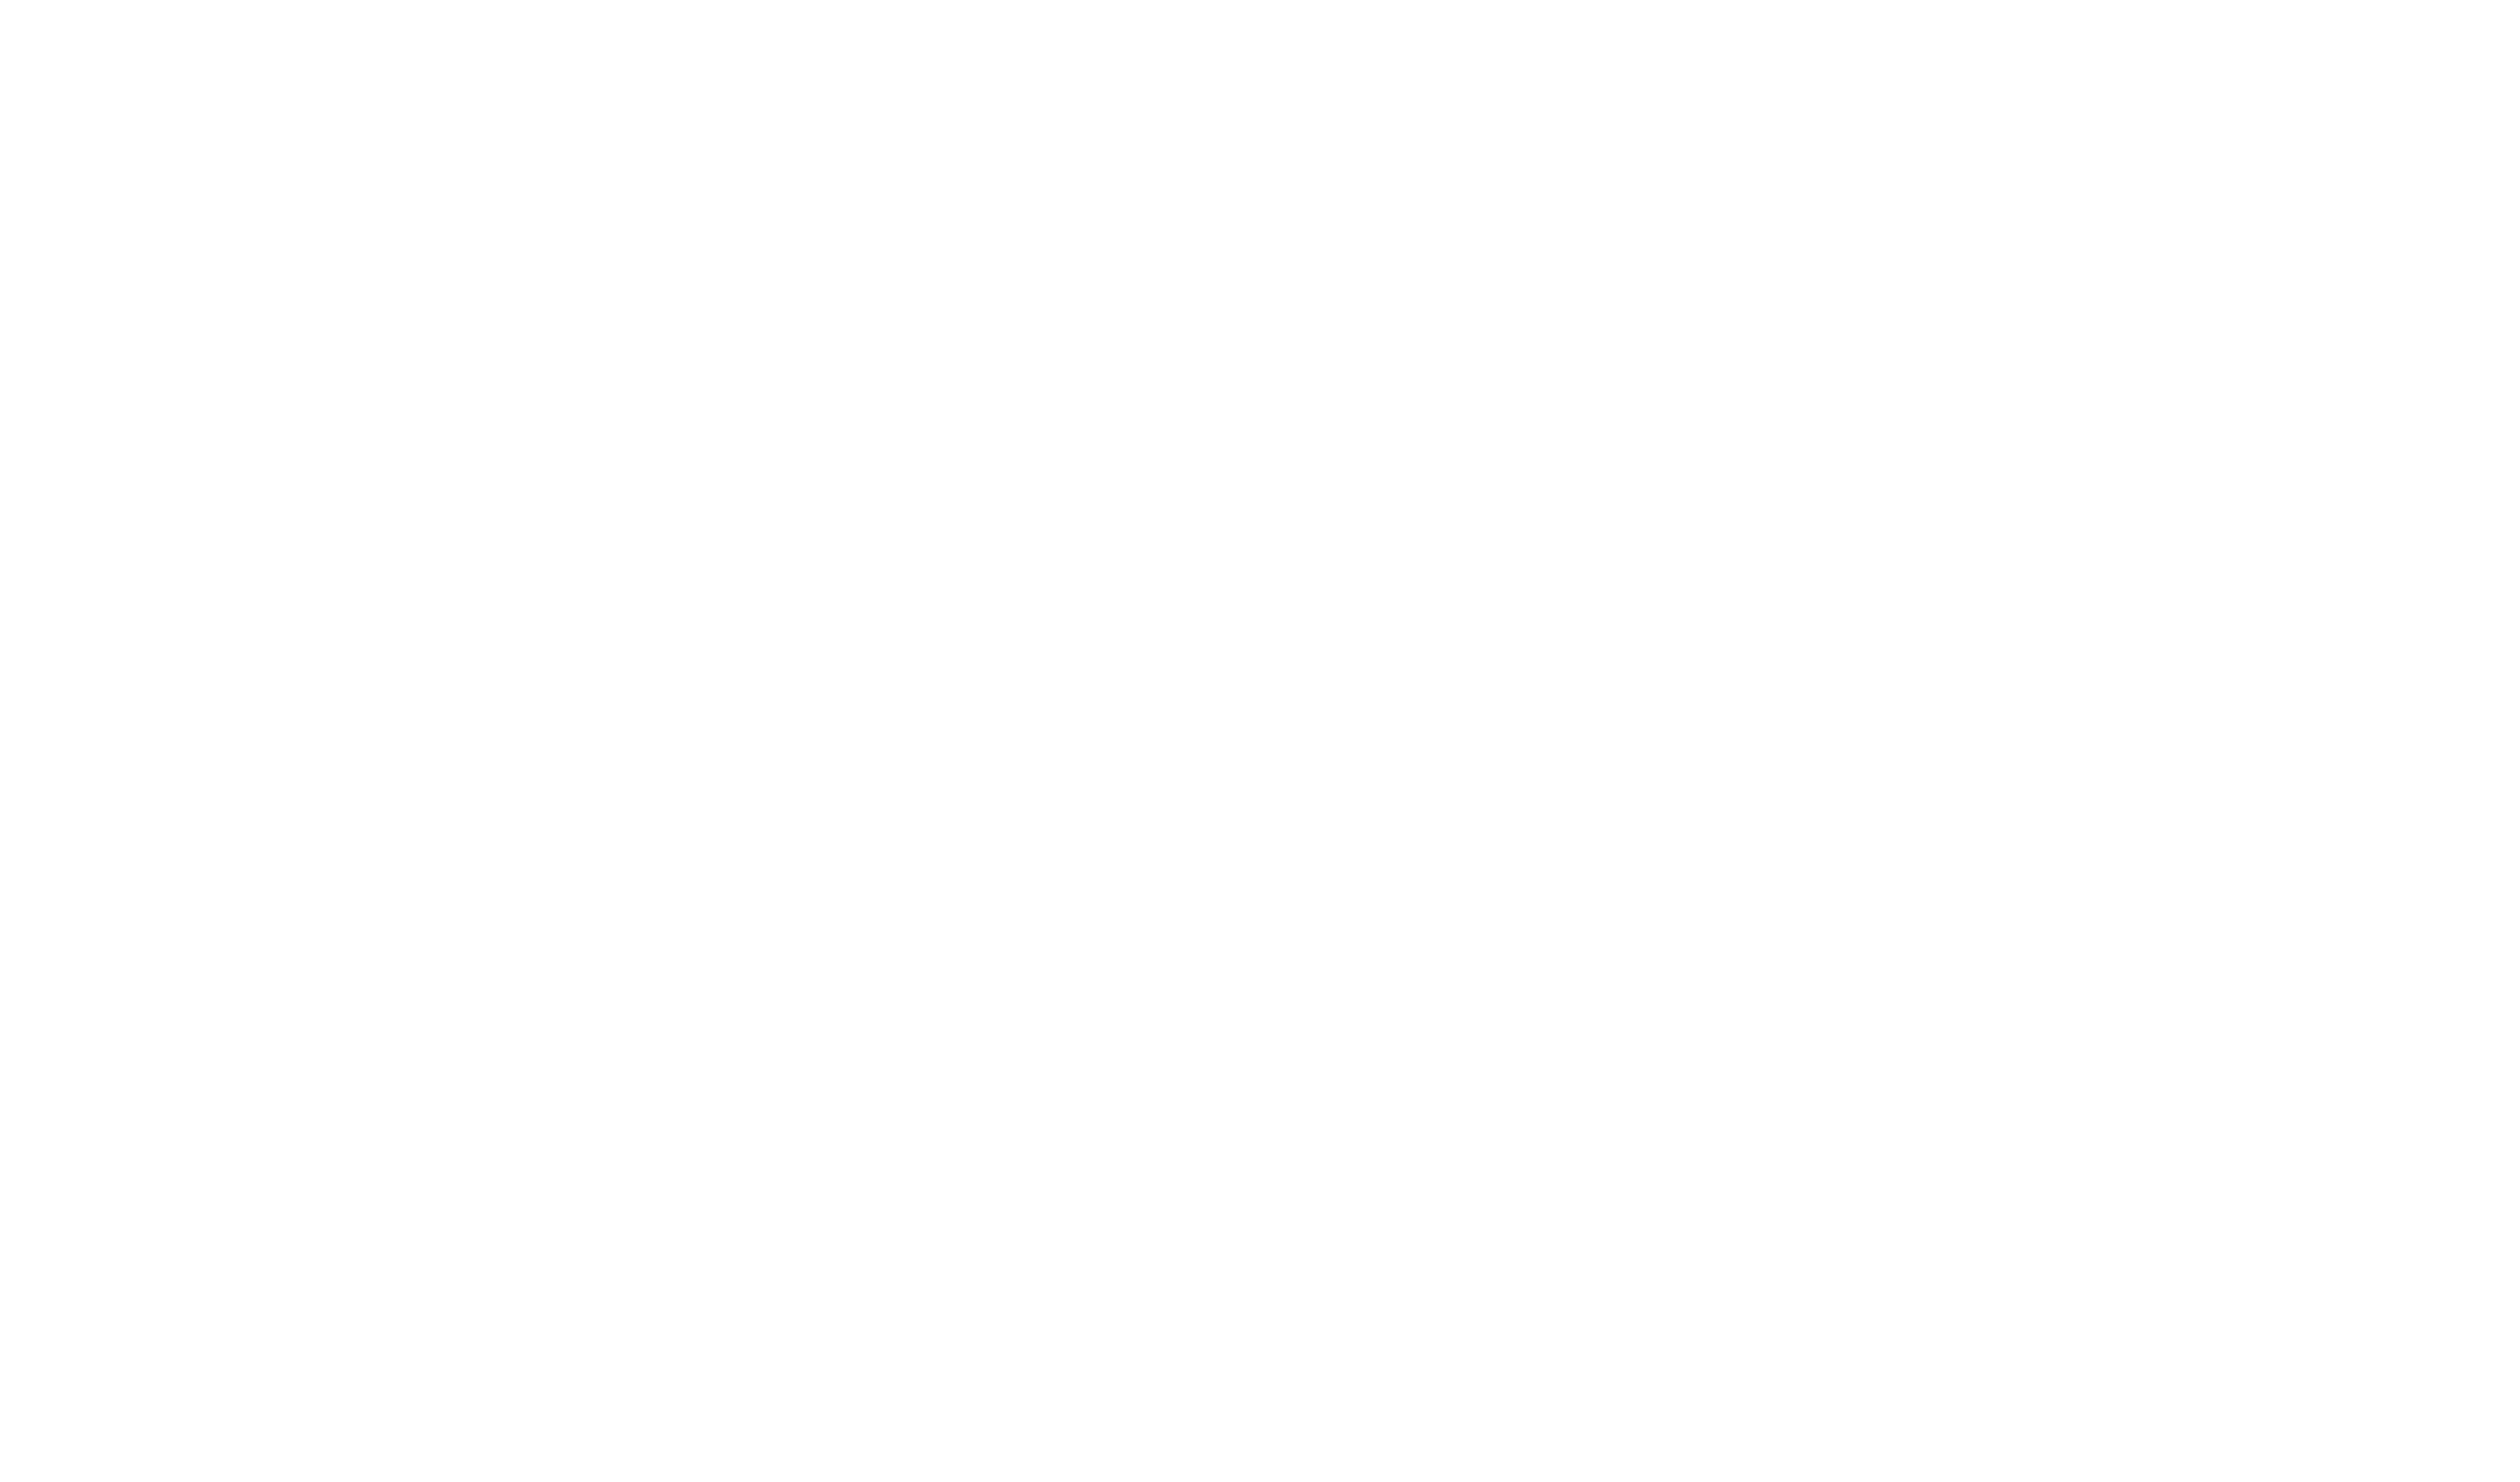 Tableau des unités concurrentielles-1